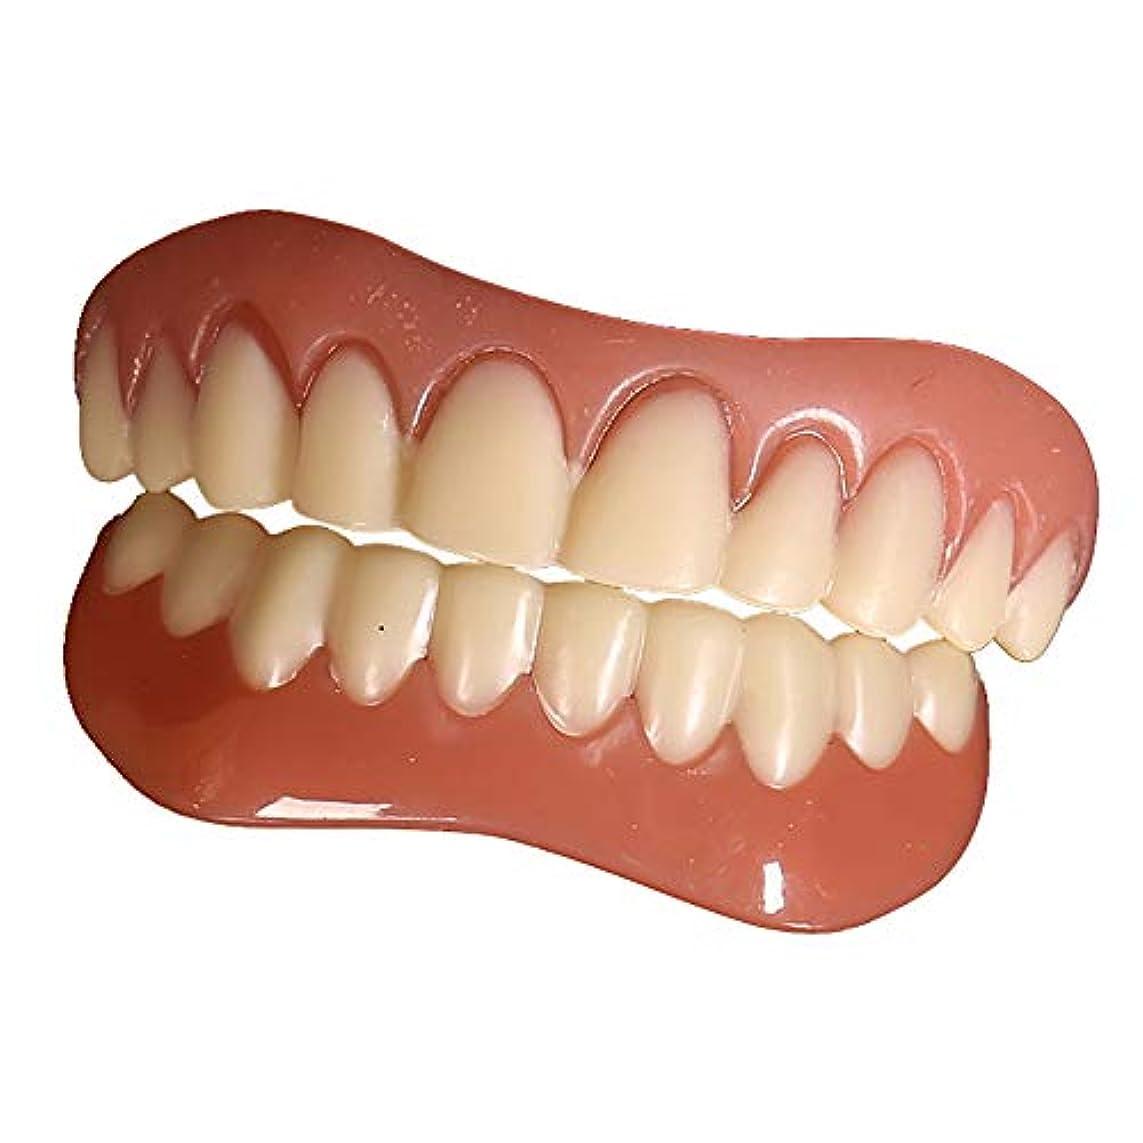 アブストラクト師匠閉じ込めるパーフェクトインスタントスマイルティースベニアインスタント美容義歯上下歯2個入り(フリーサイズ(中)